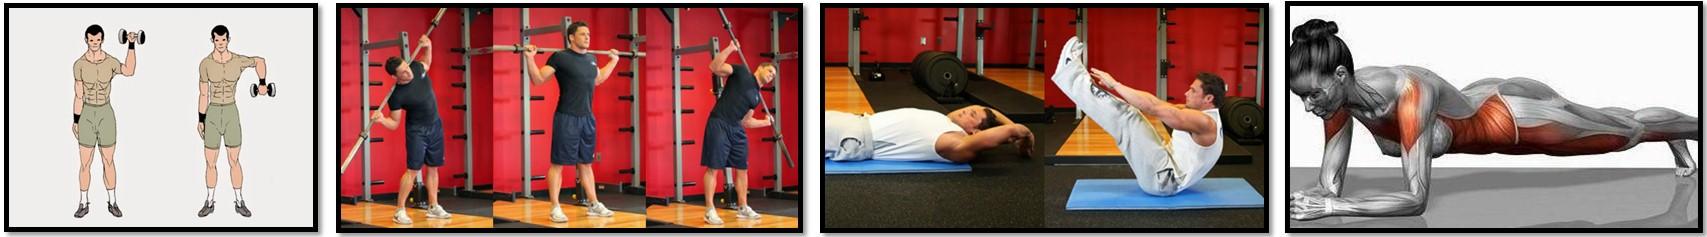 упражнения на укрепление связок и мышц кора